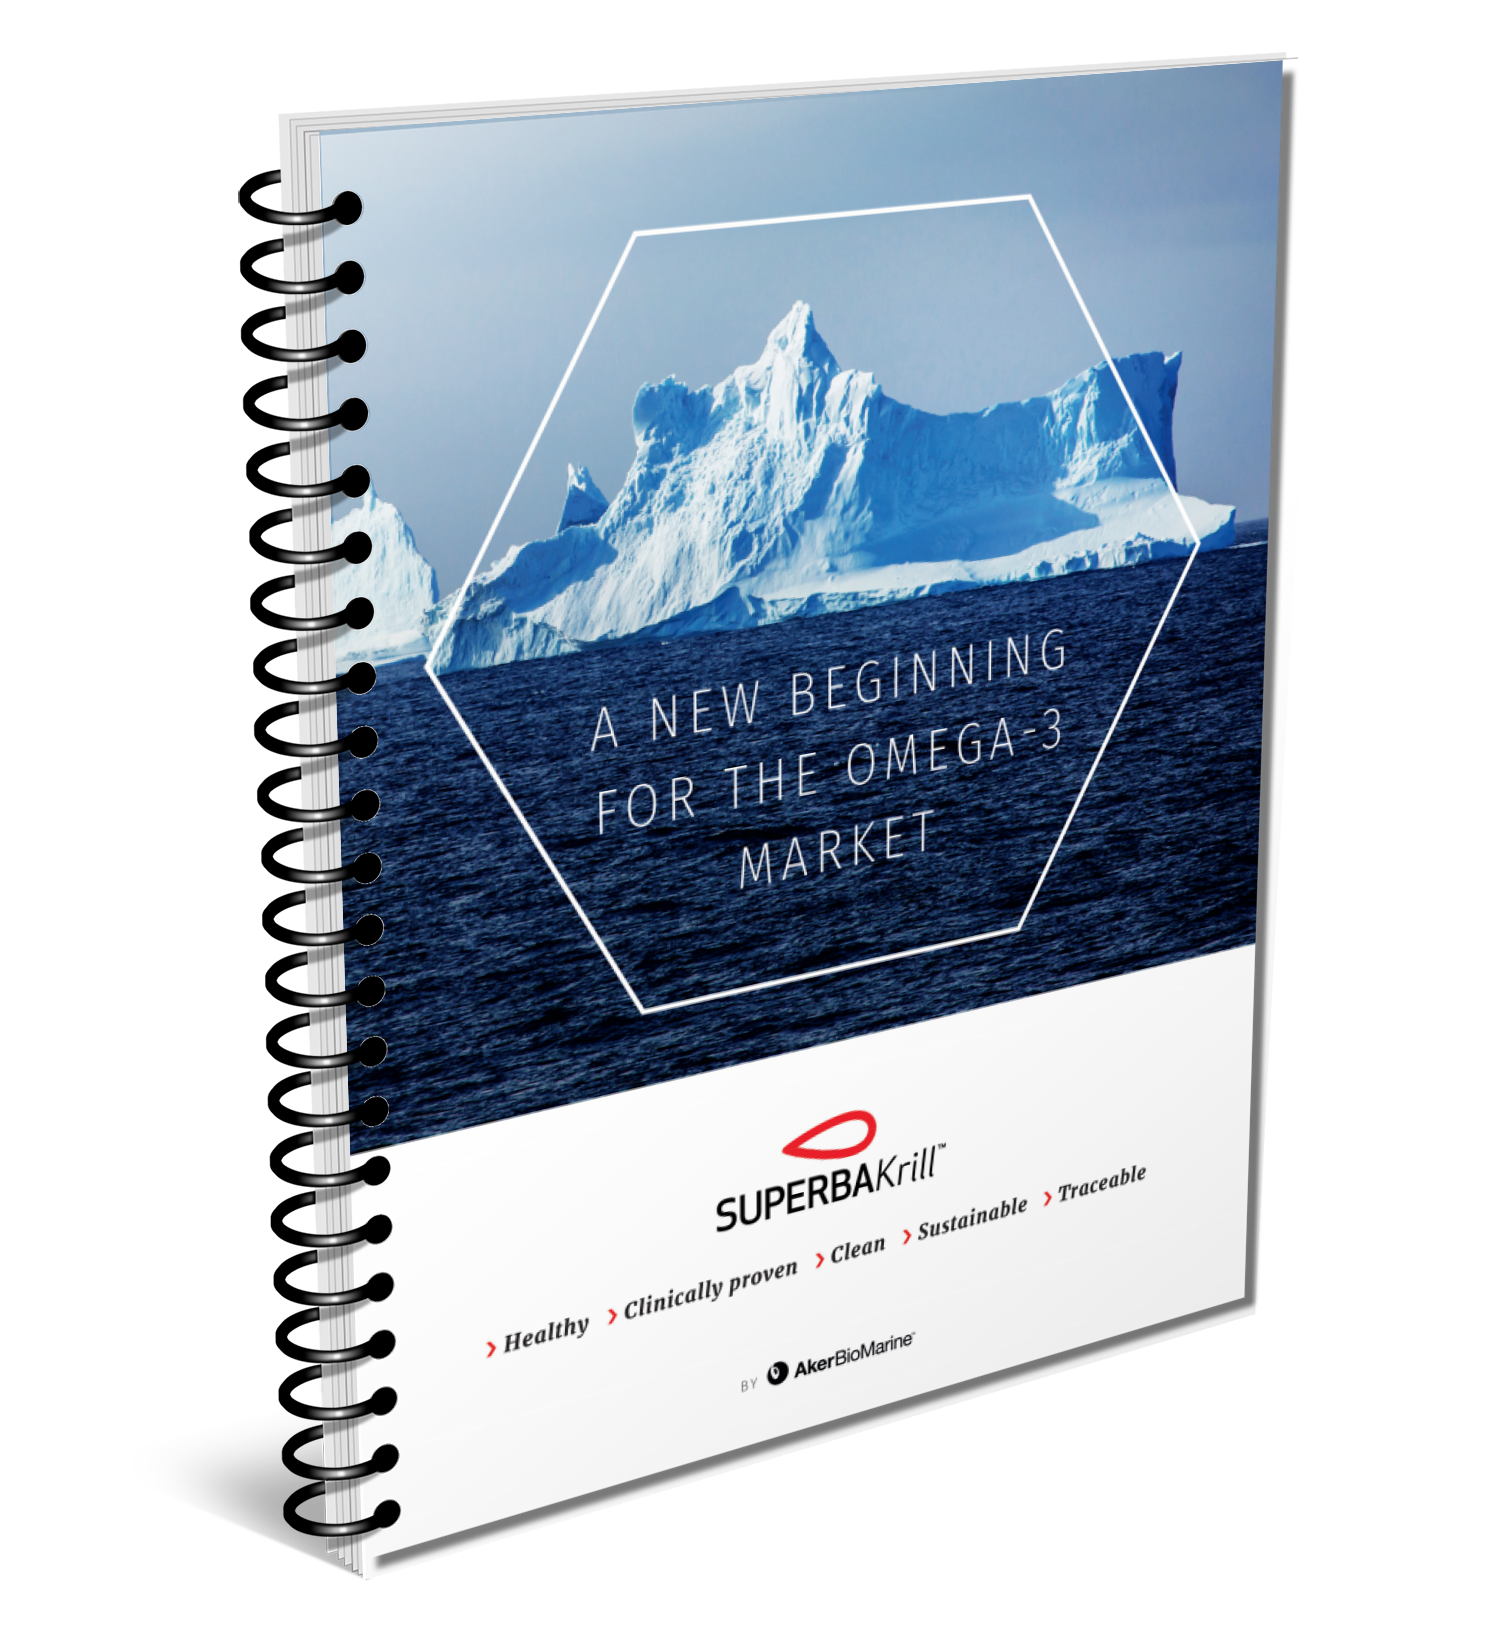 Superba-krill-brochure-book-cta.png